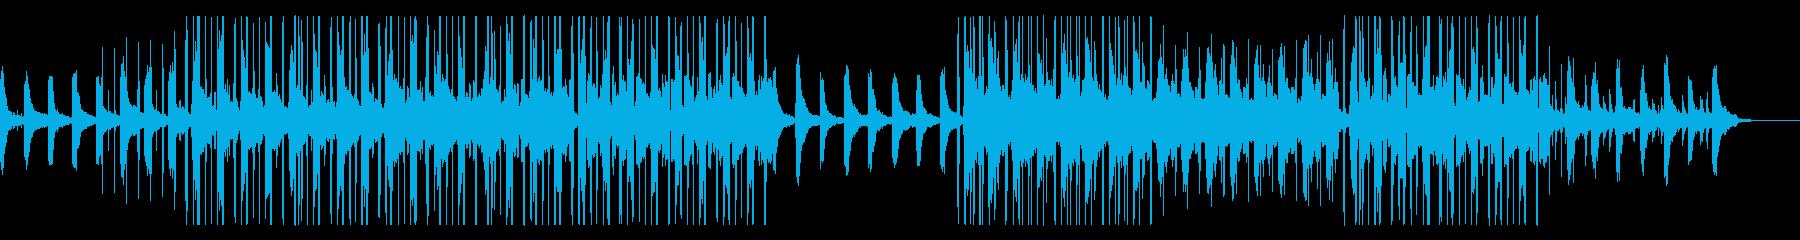 少しダークな優しいLoFi HipHopの再生済みの波形